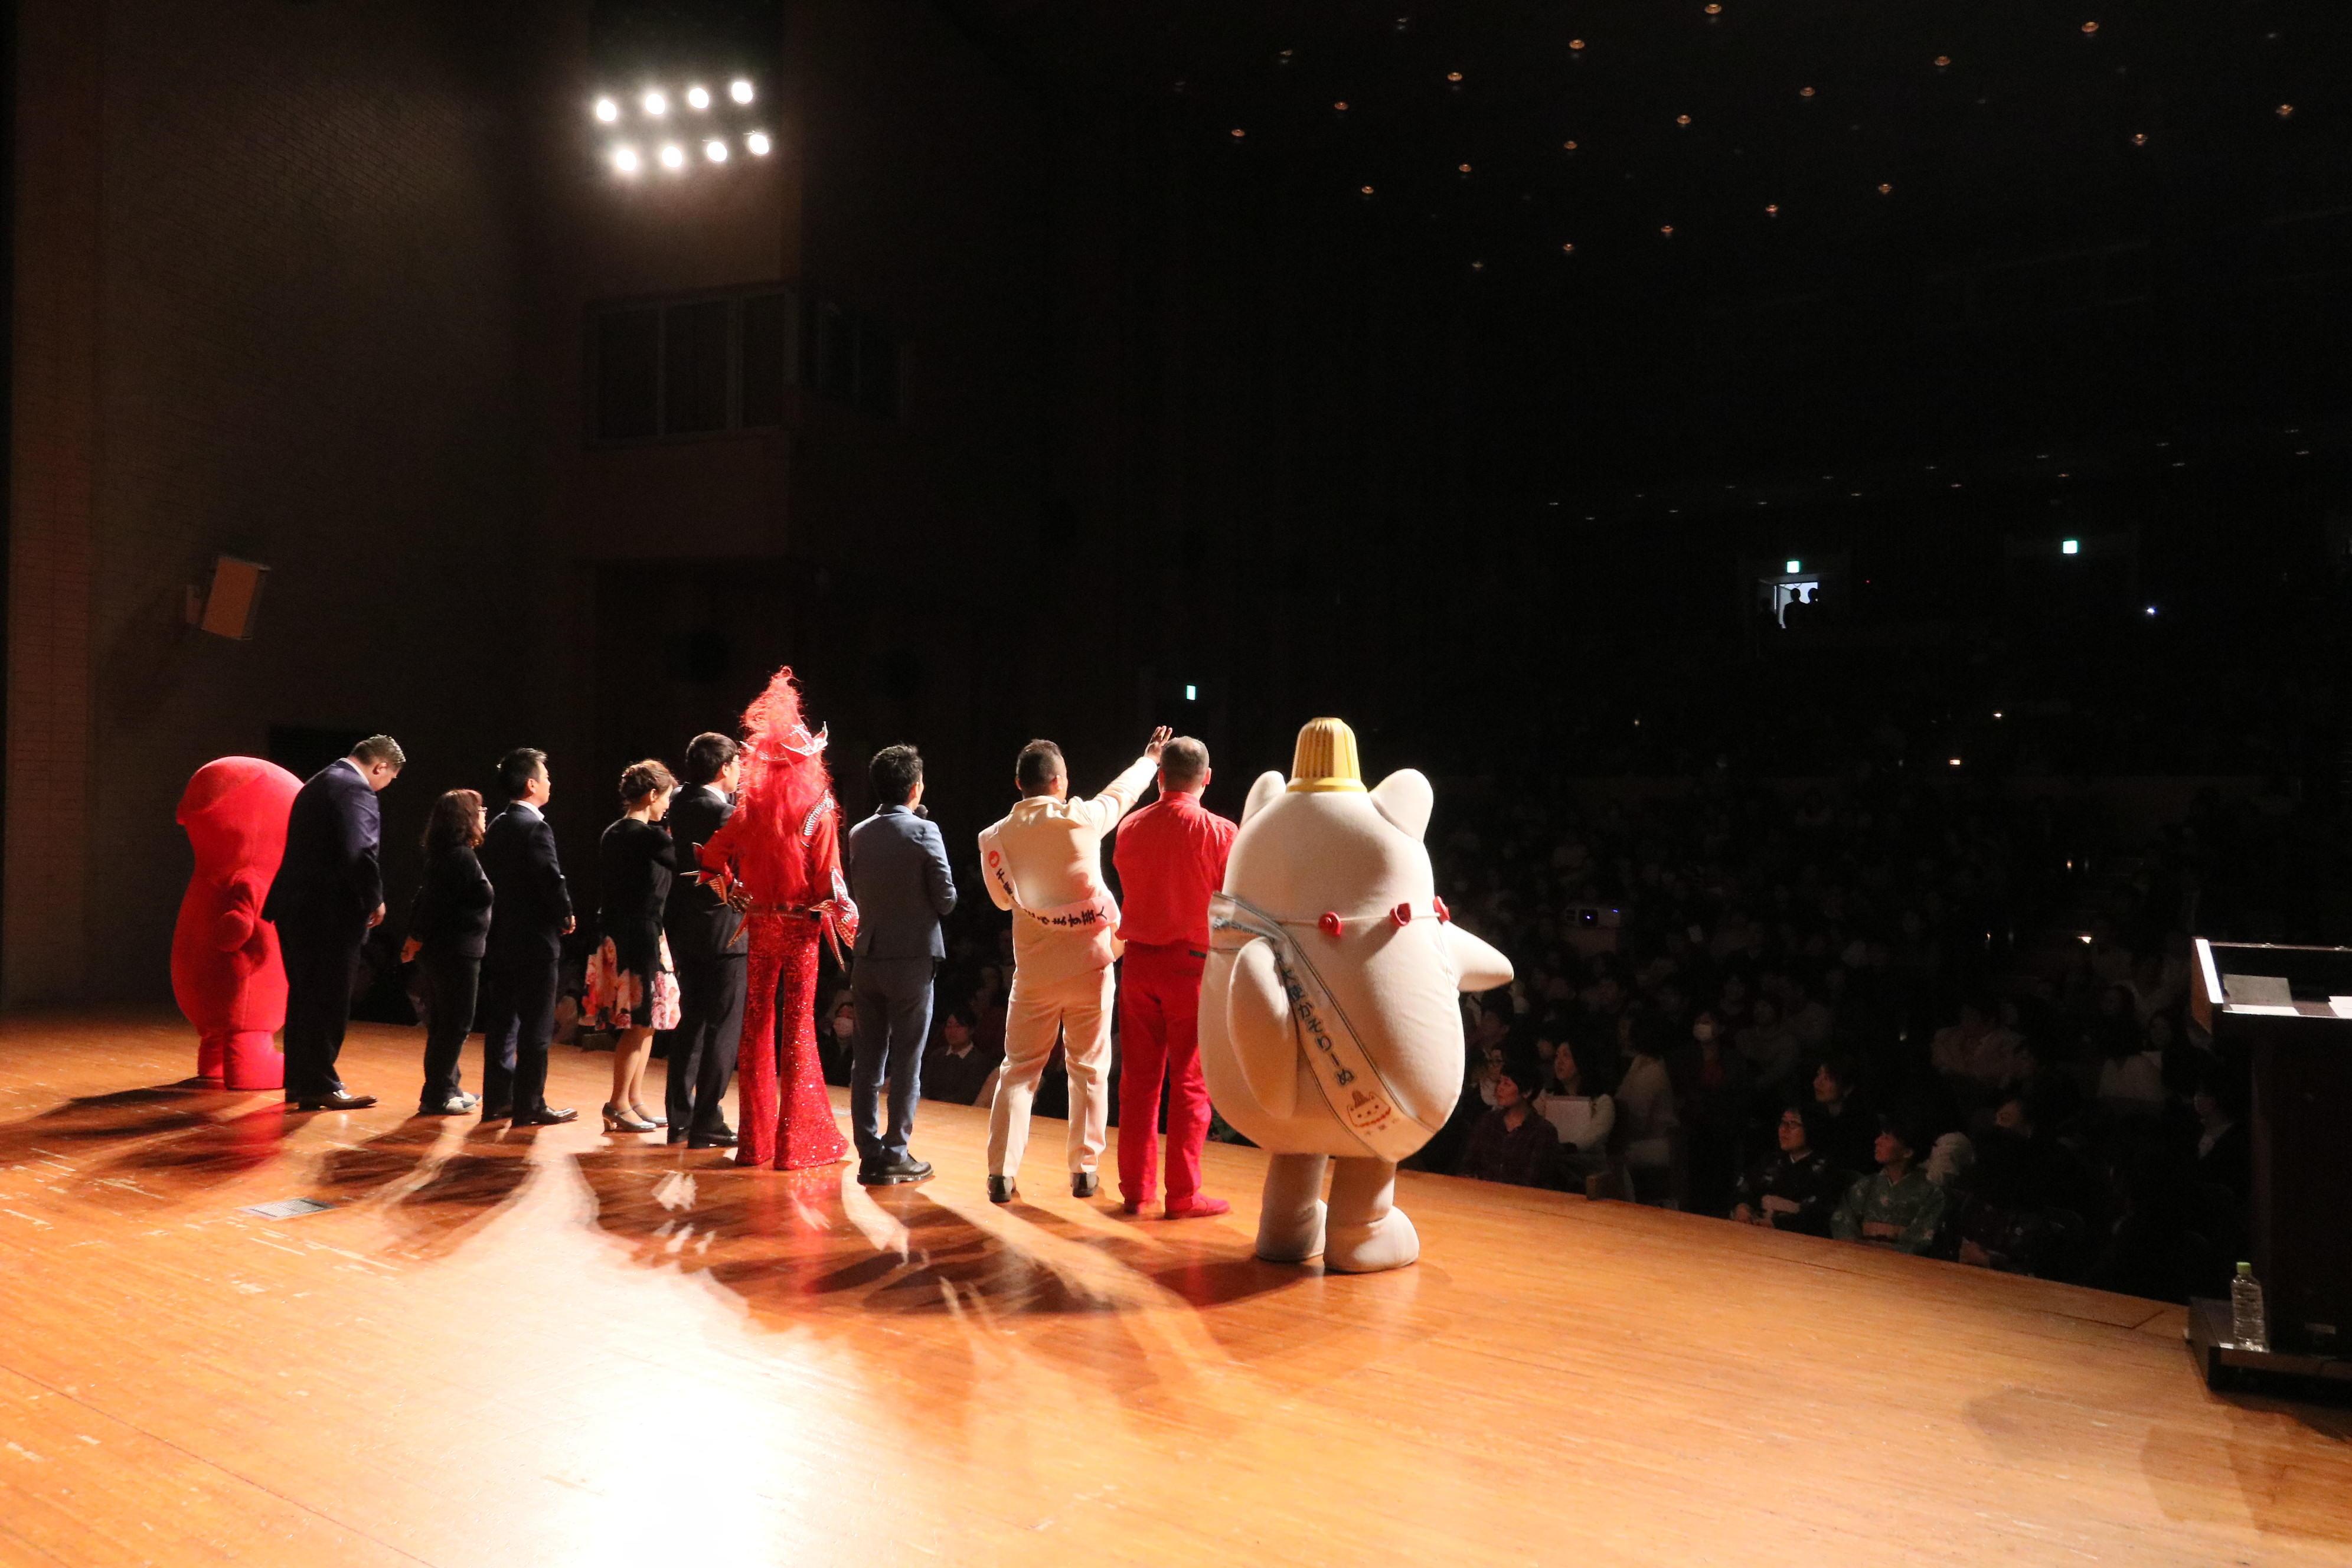 http://news.yoshimoto.co.jp/20190106222612-487909034860db3f2c29651a1c6019a52c691407.jpg